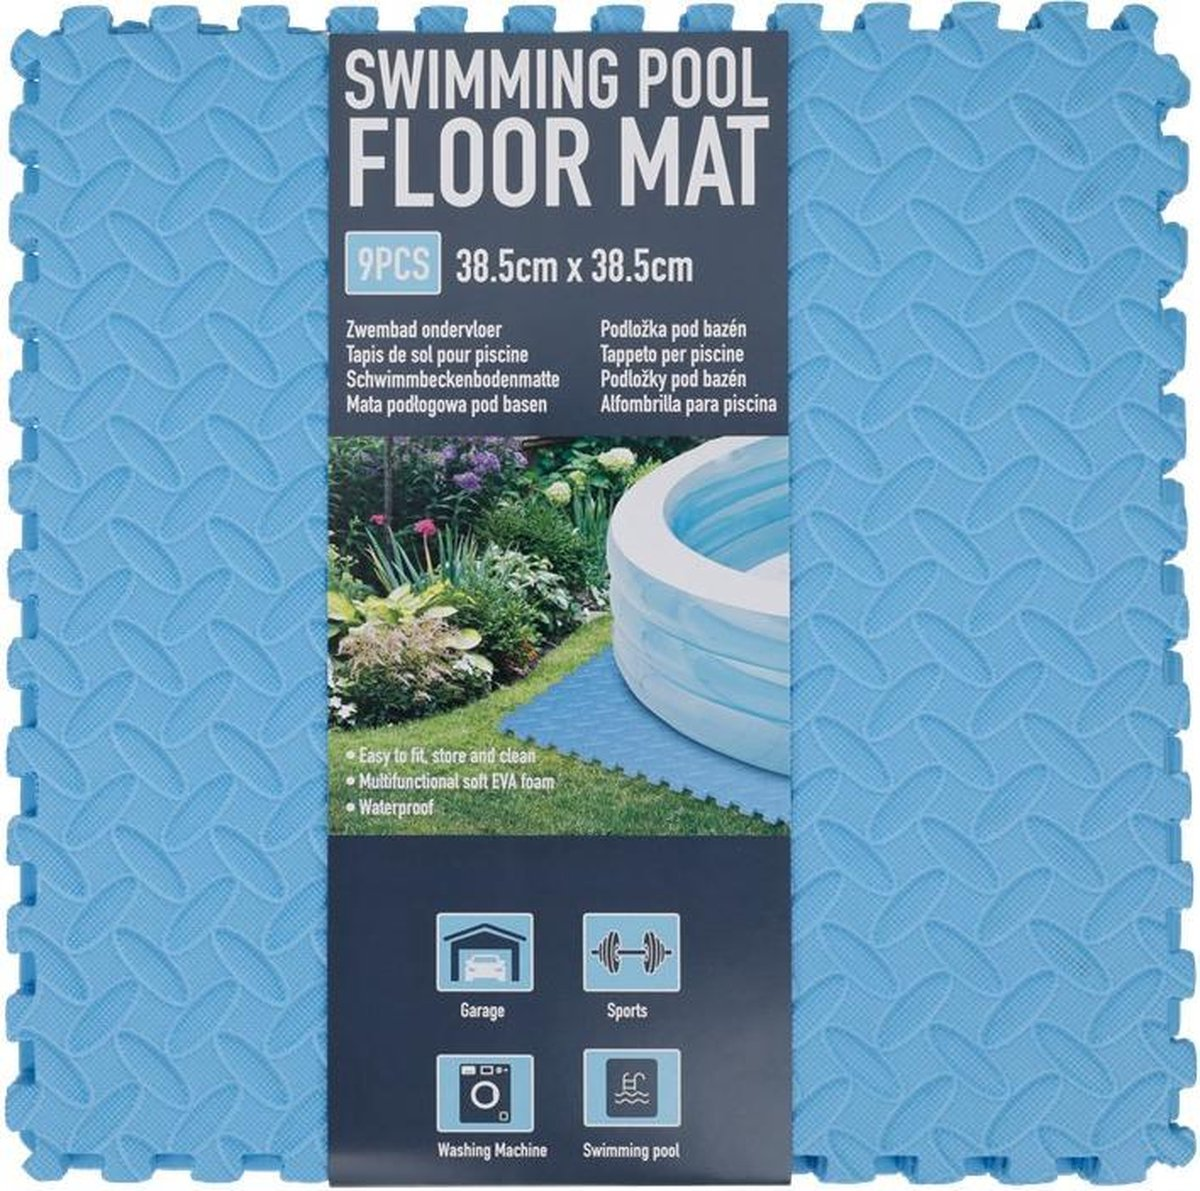 Zwembad tegels - Bodem bescherming - Ondertegels - Ondervloer - Ondergrond - Foam tegels - Matten - Puzzelmat voor zwembad - zwembadtegels 9 Stuks 38,5 x 38,5 Cm